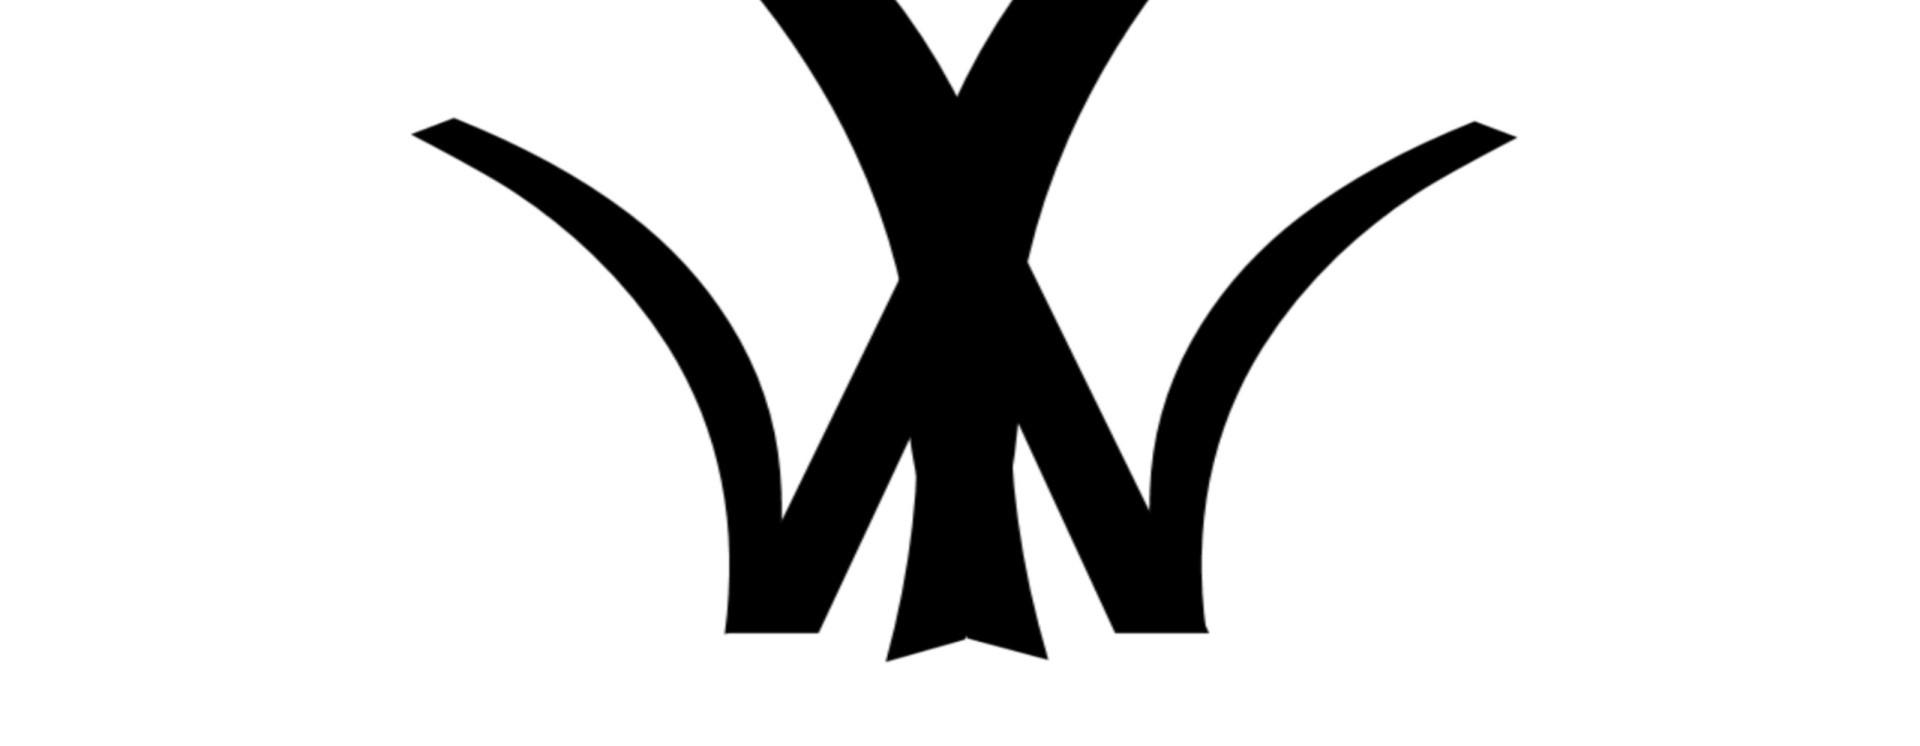 Yw logo copy